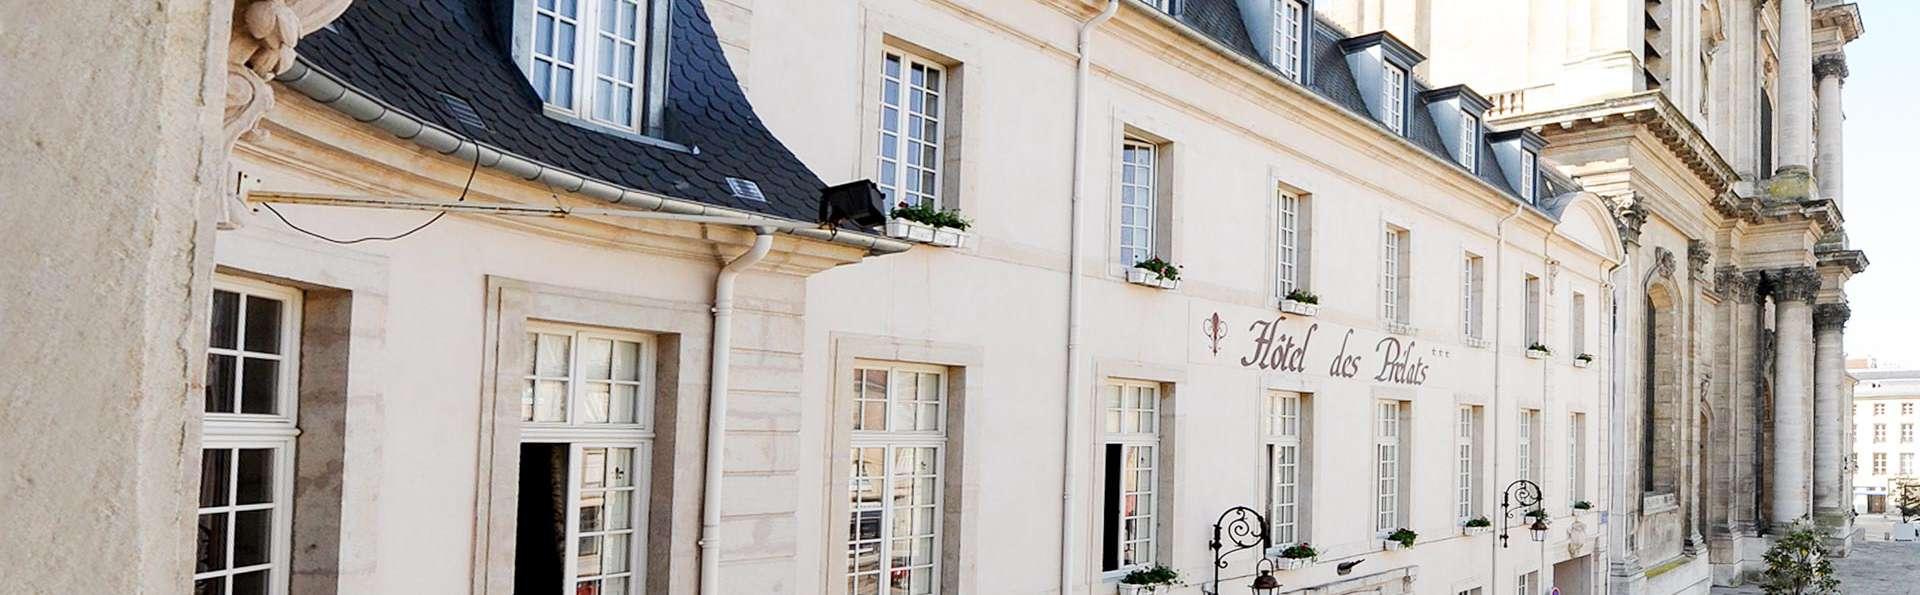 Hotel Des Prélats - EDIT_FRONT_02.jpg